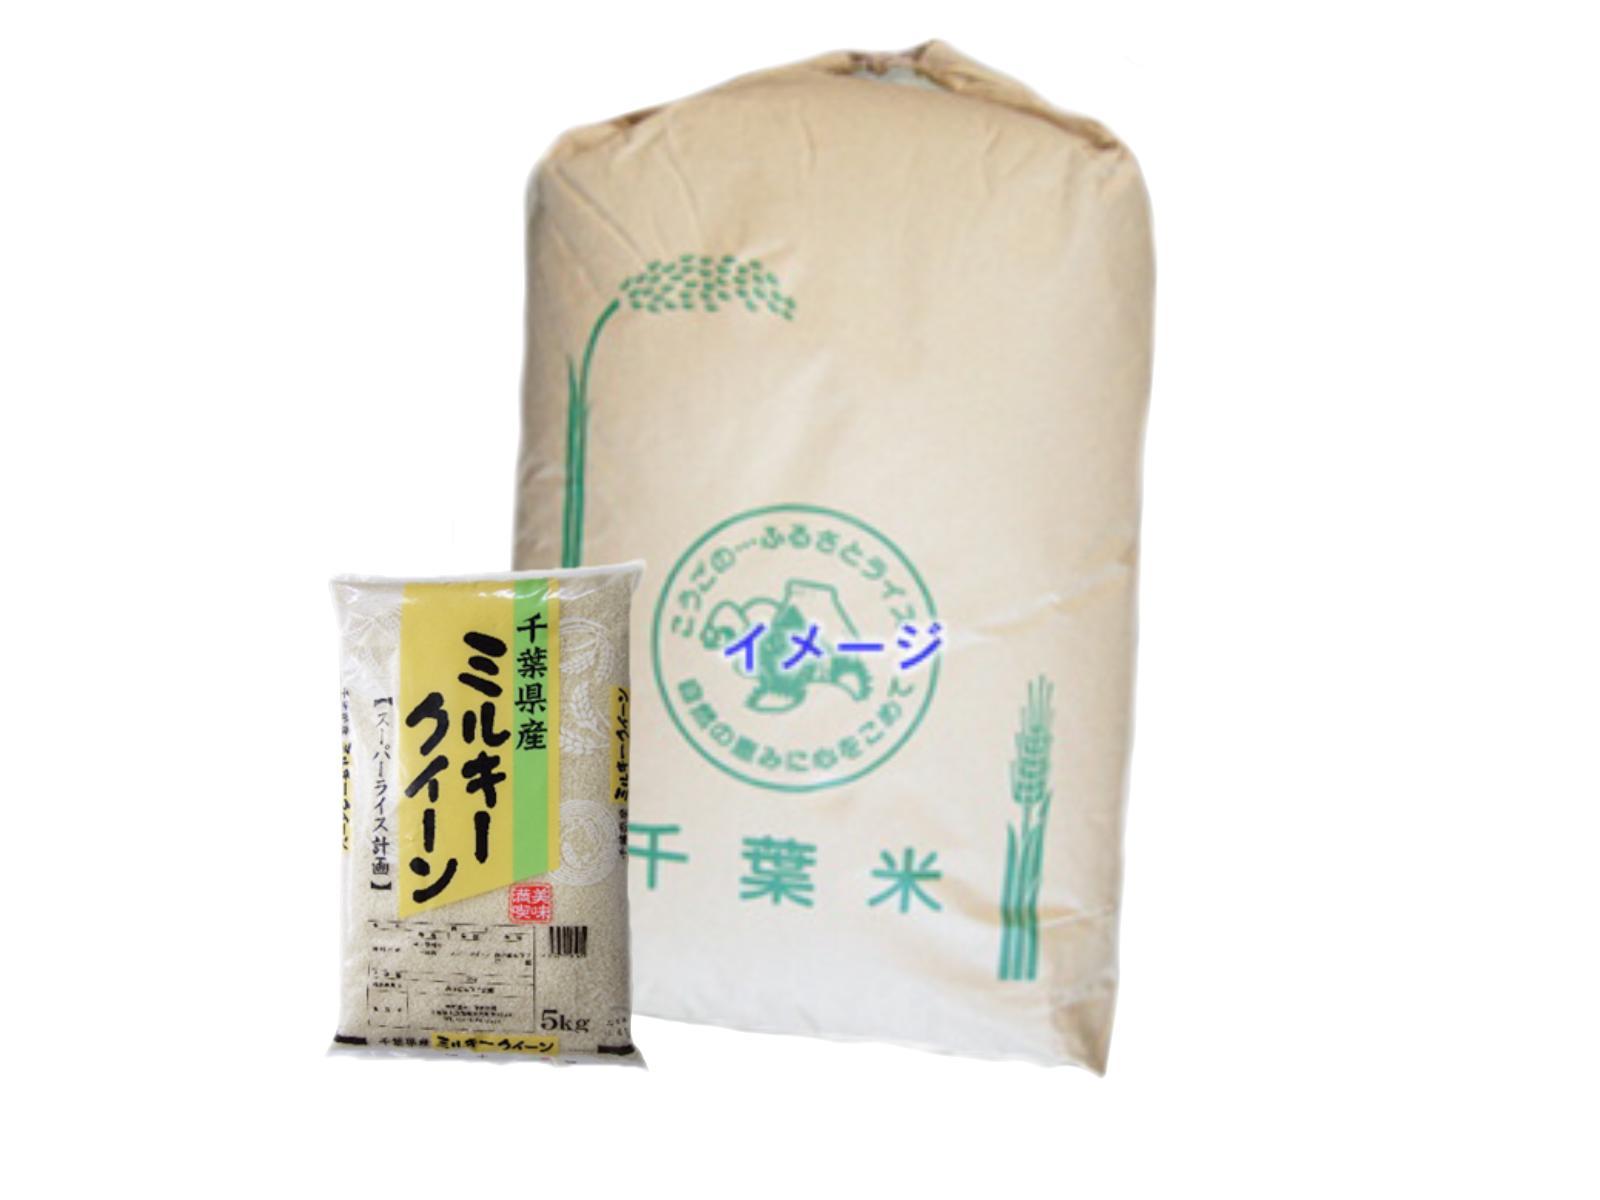 令和元年産 千葉県産 ミルキークイーン 玄米 30kg※外袋はイメージです。